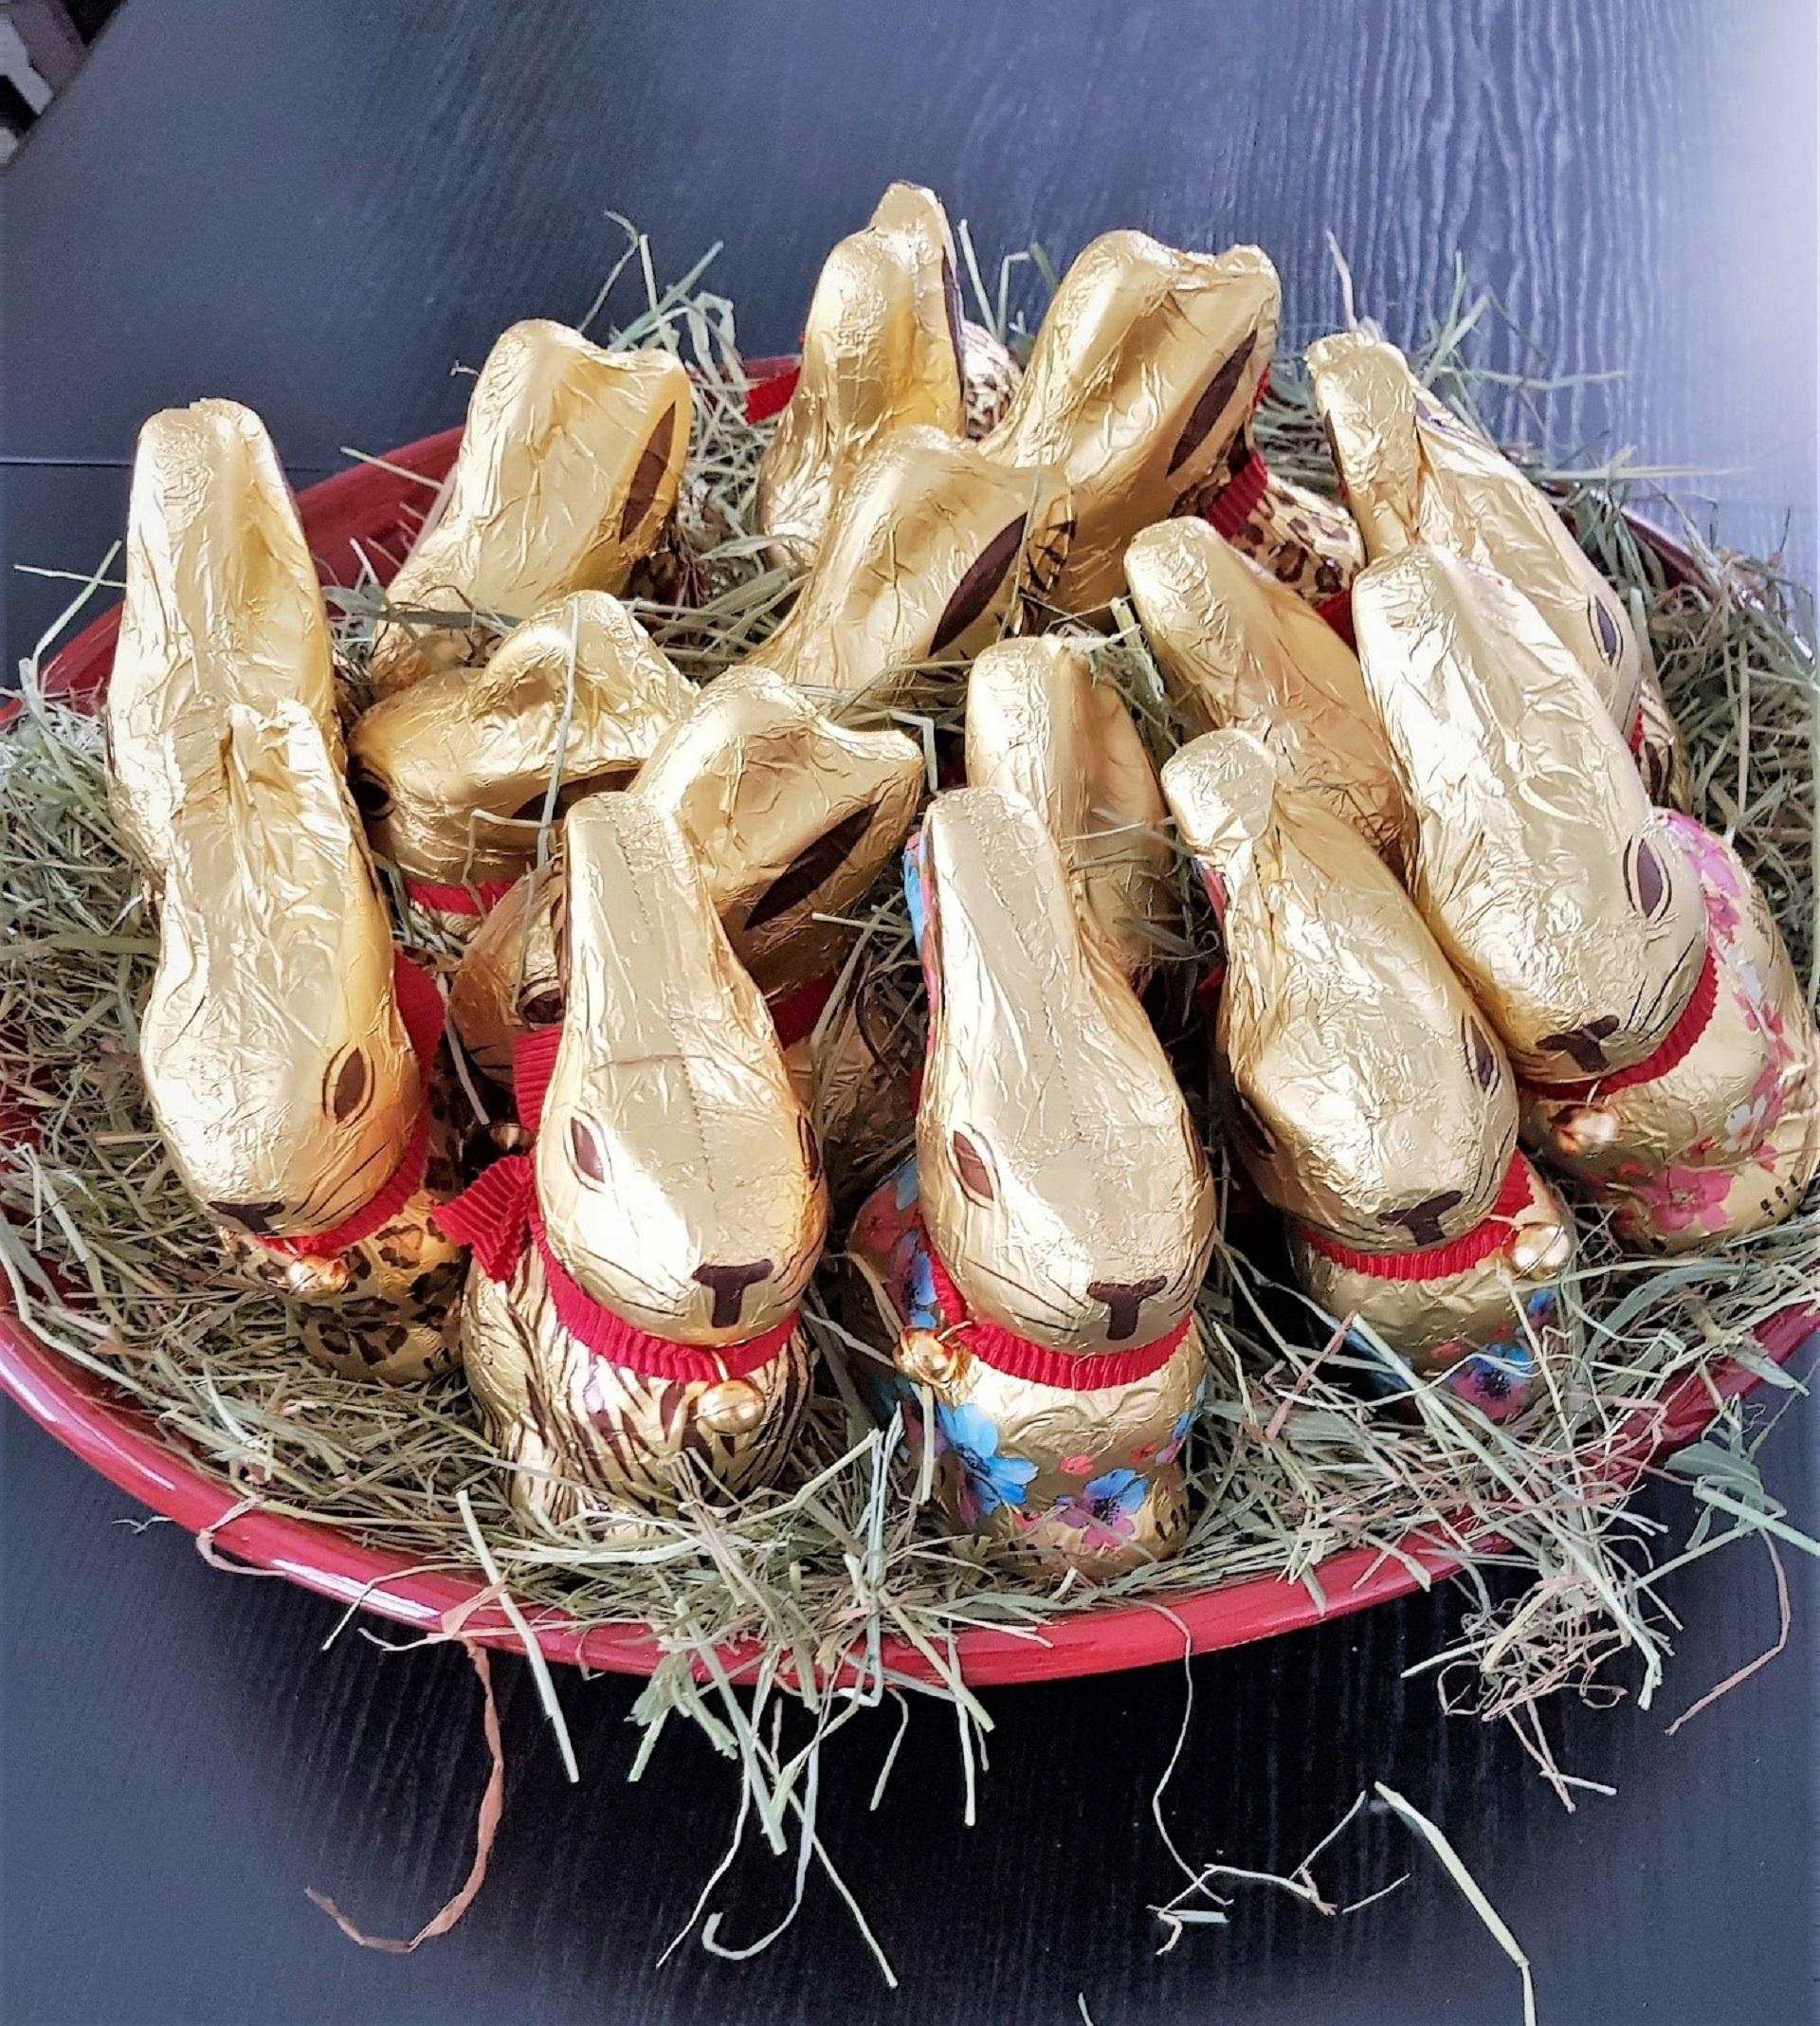 Frohes Osterfest wünscht die Gemeinschaft des Litauischen Gymnasiums!